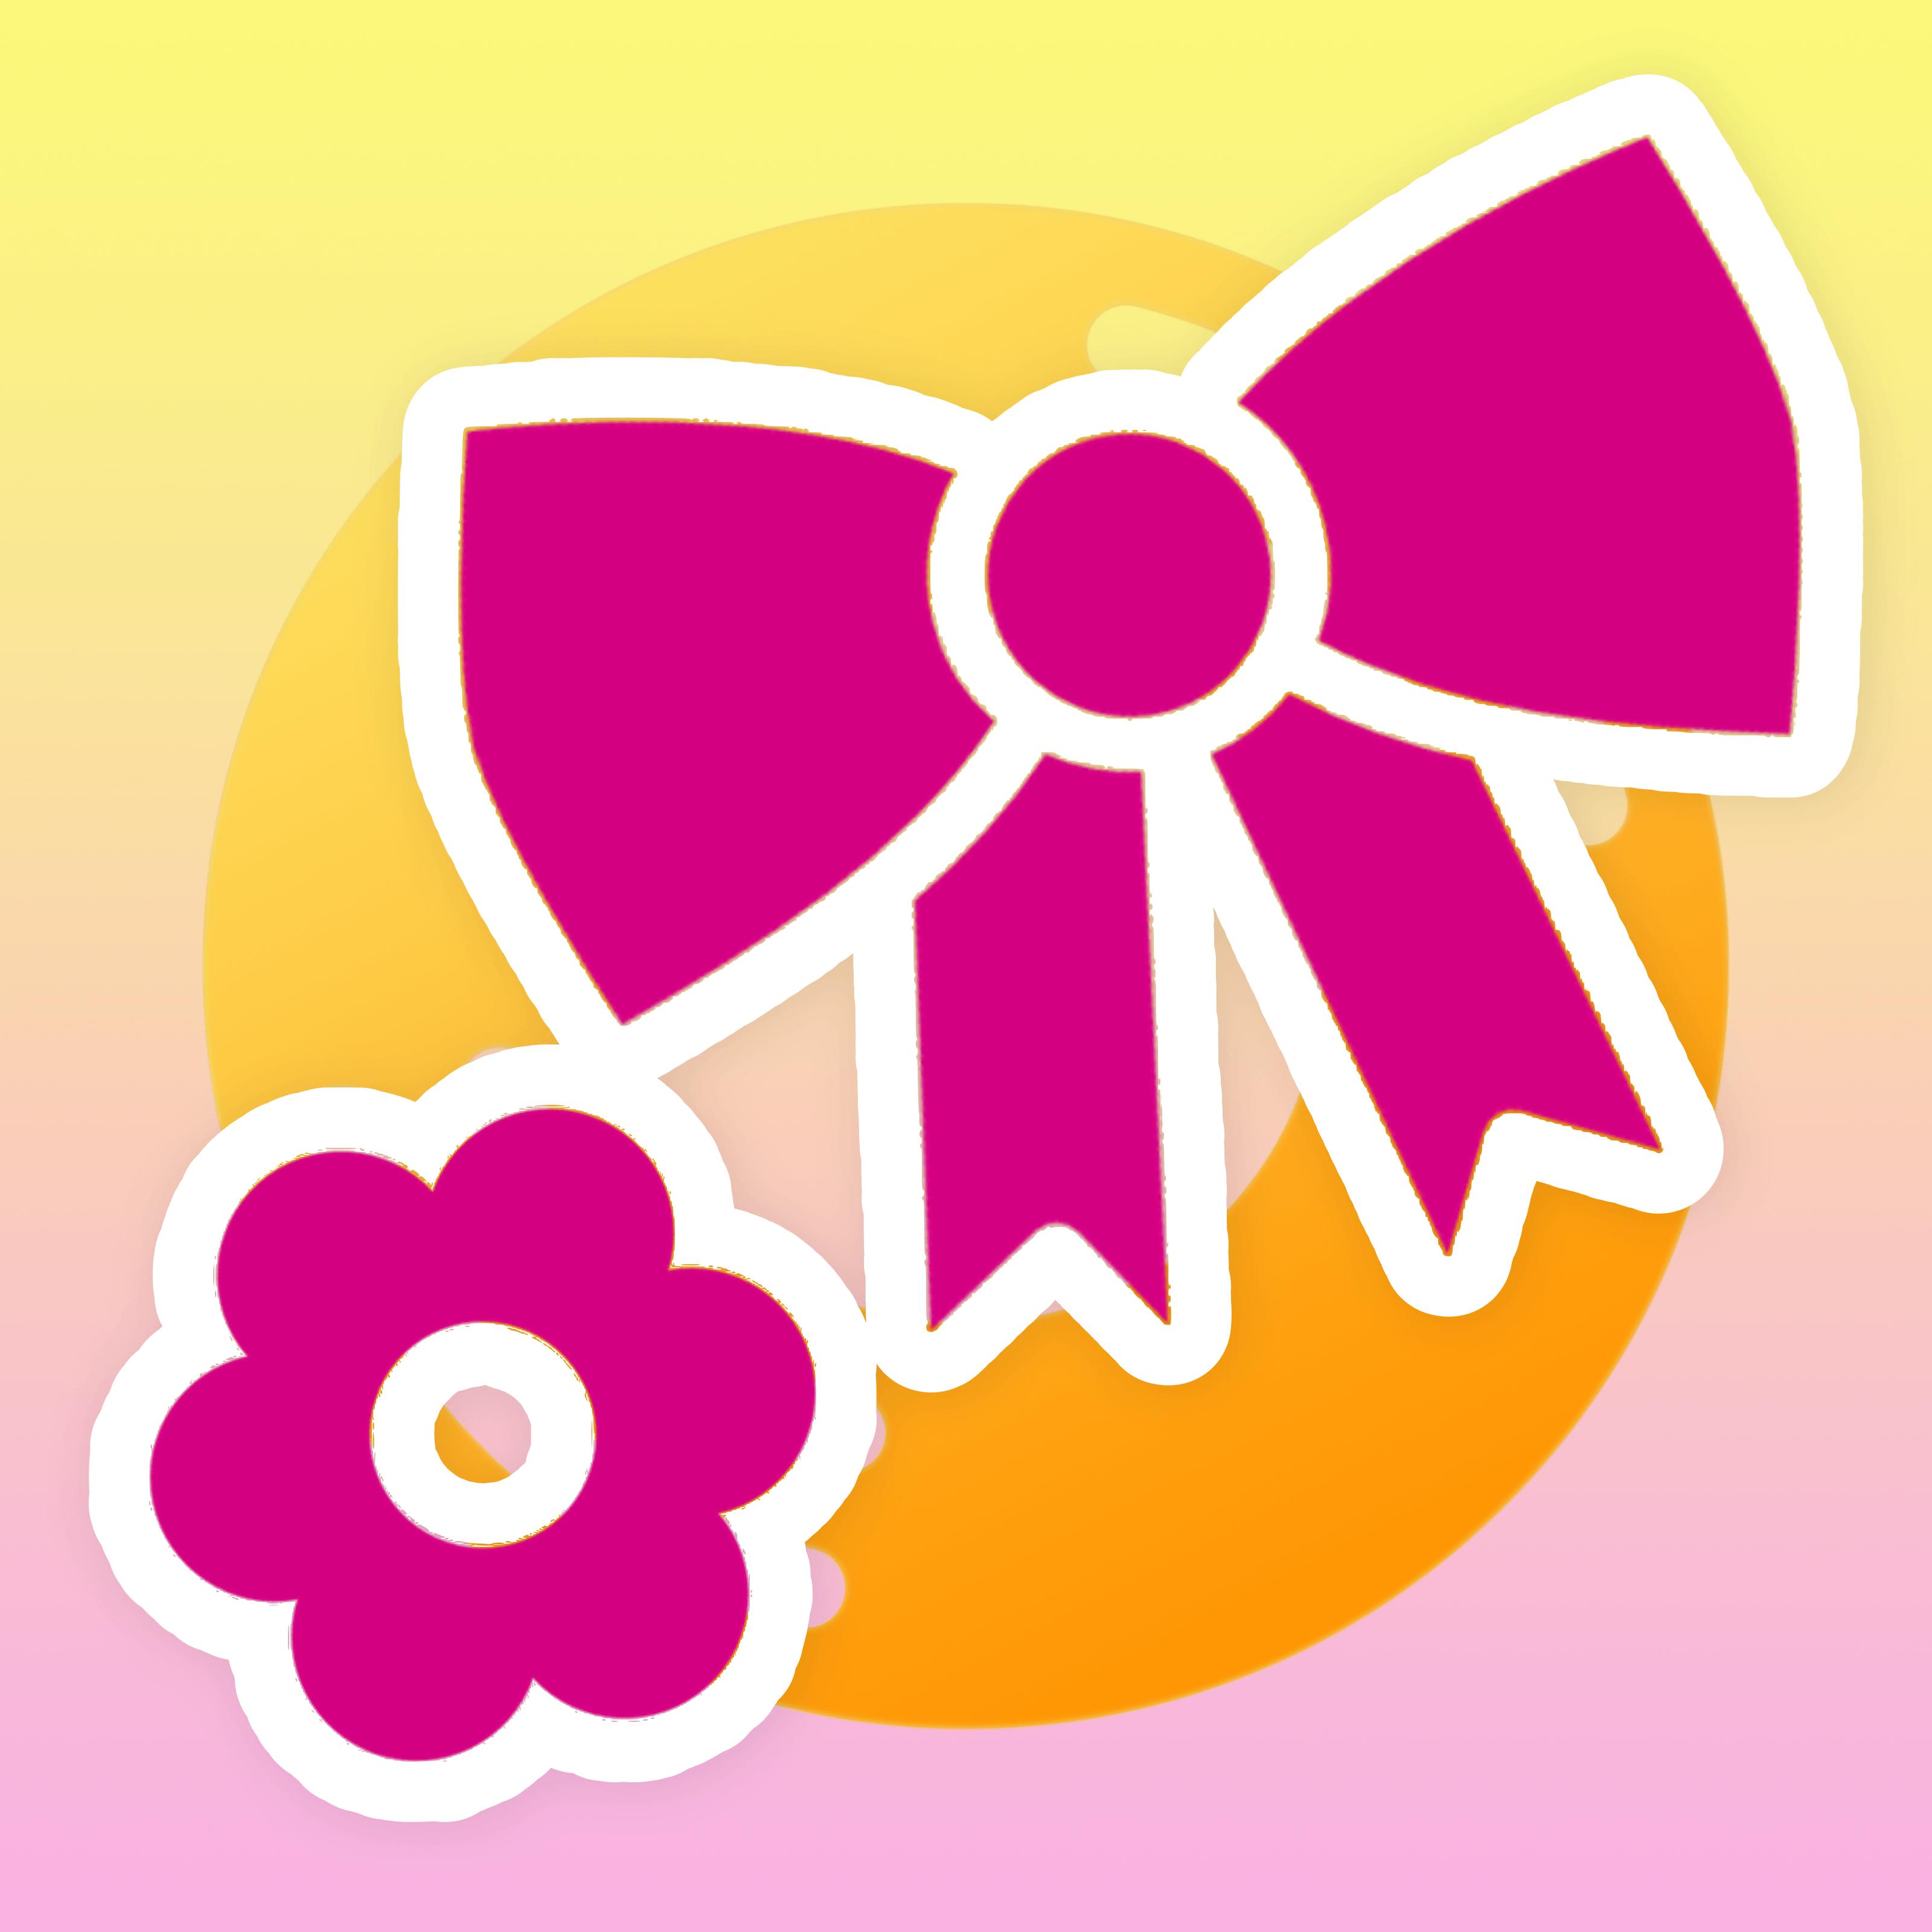 Ical8 avatar